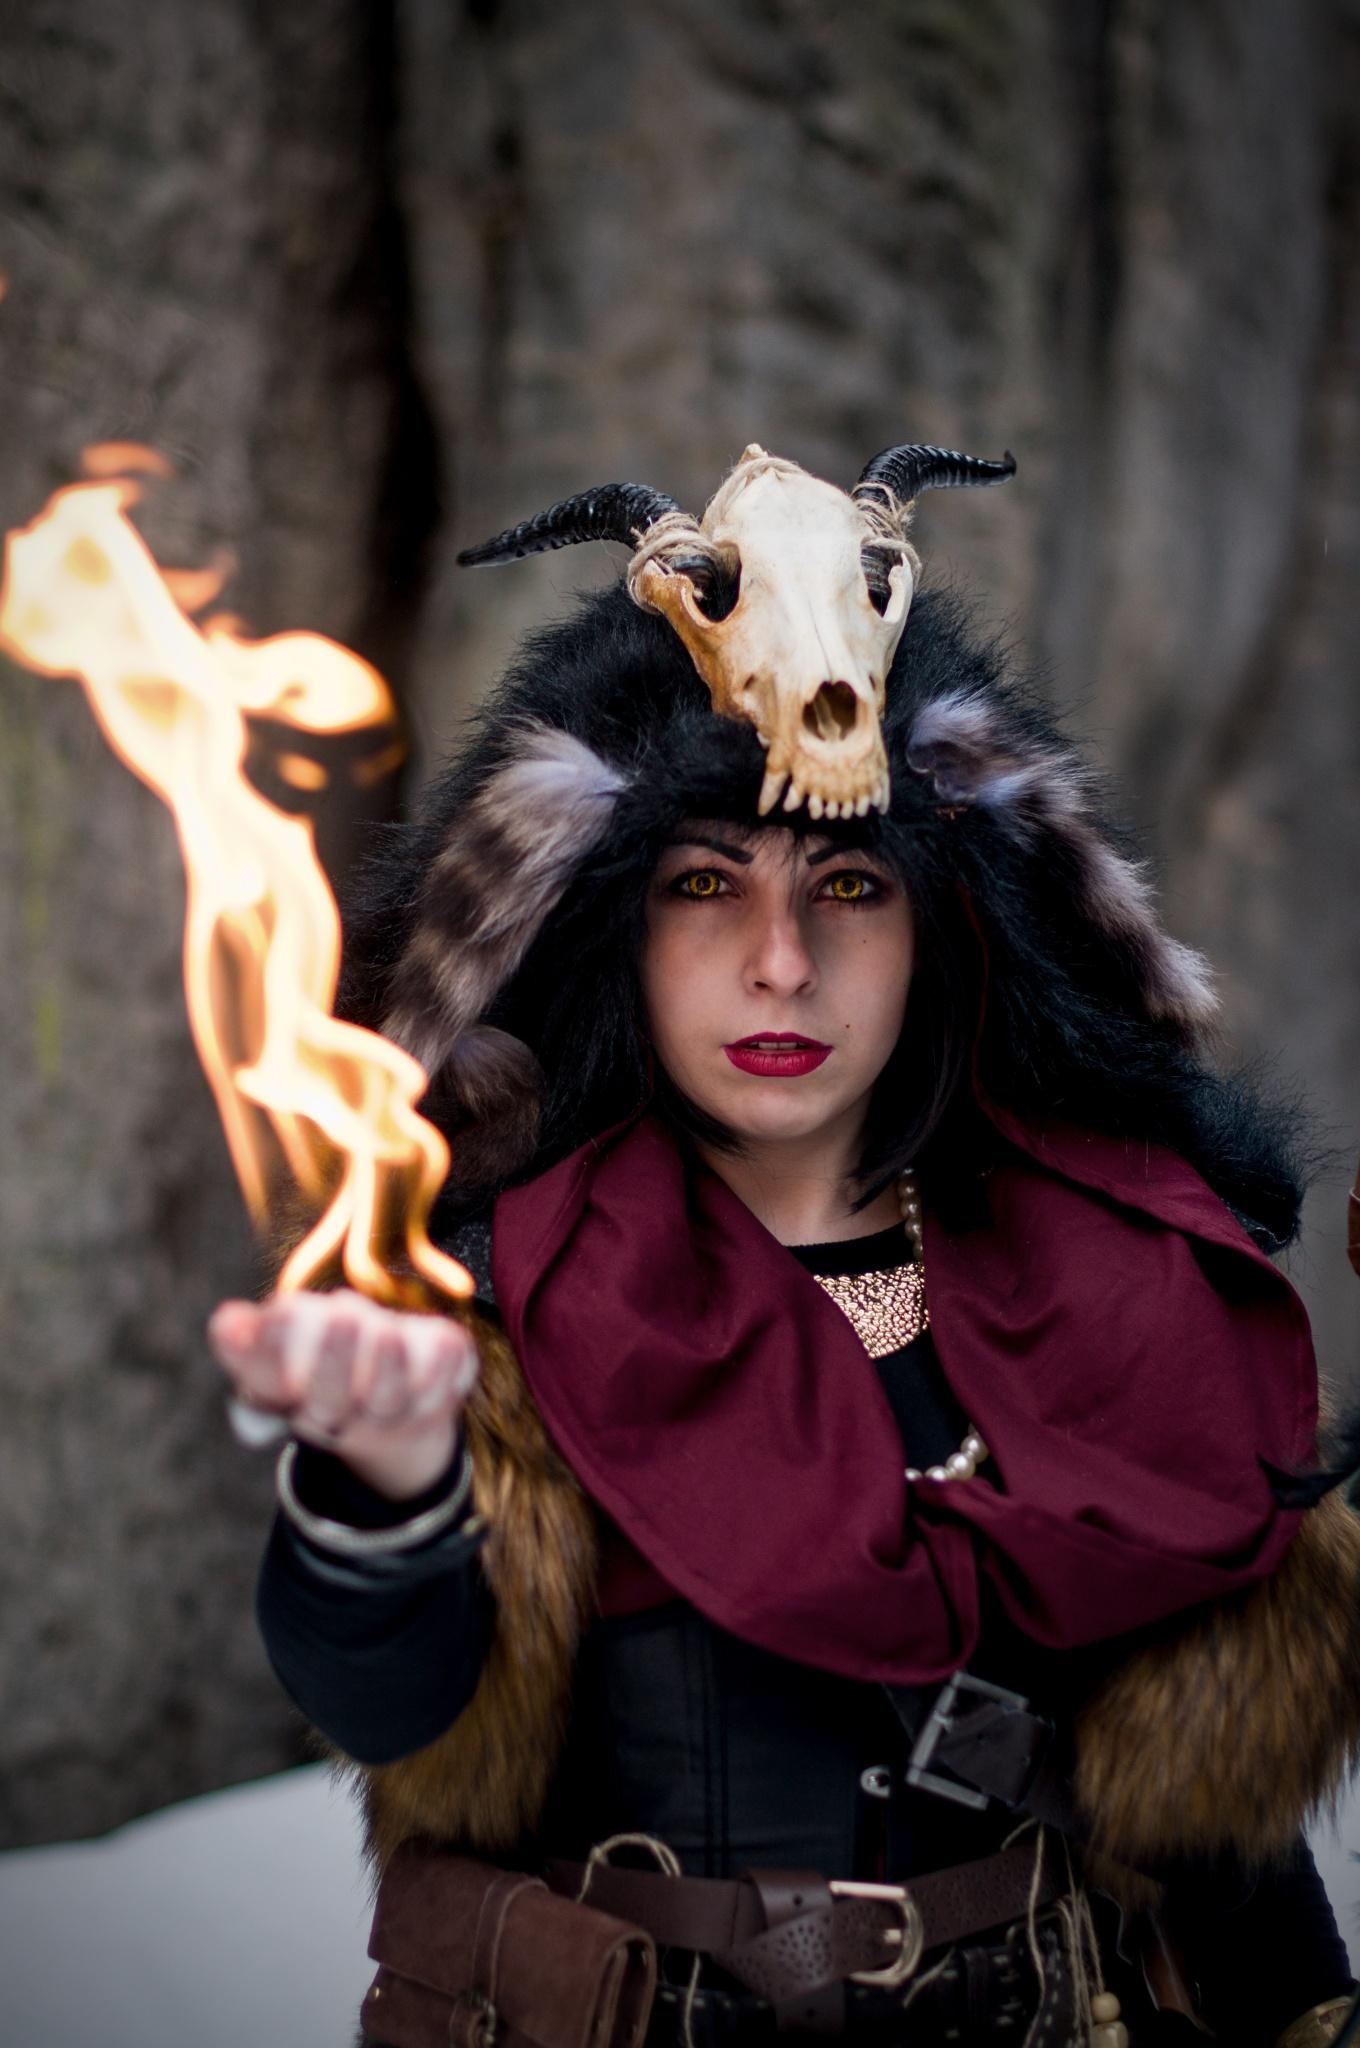 Jak fotit cosplay: základem je dobrý kostým, příprava a inspirace - oheň